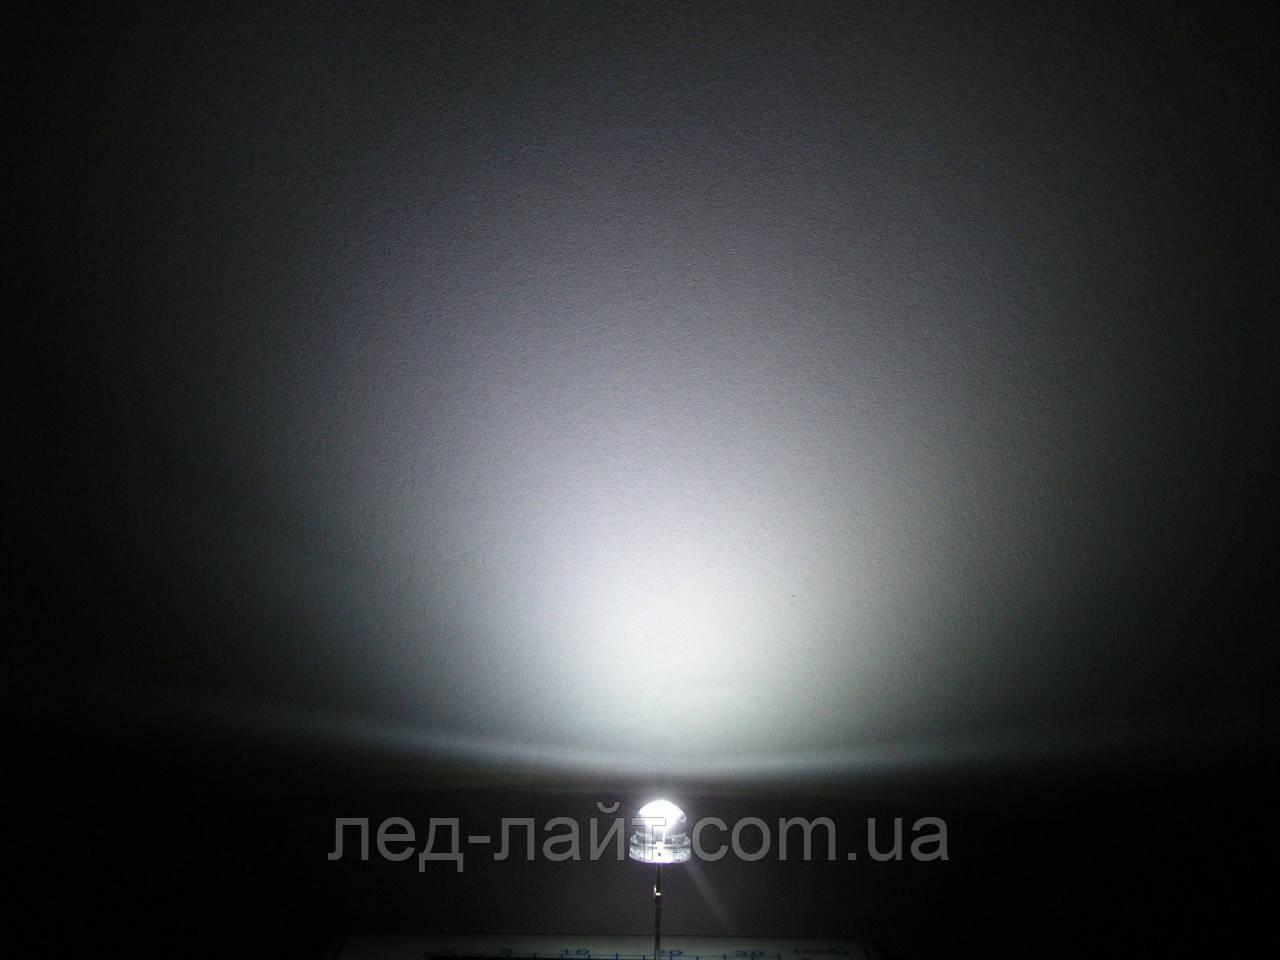 Светодиод 4.8мм белый (холодный) прозрачный 120 градусов - фото 3